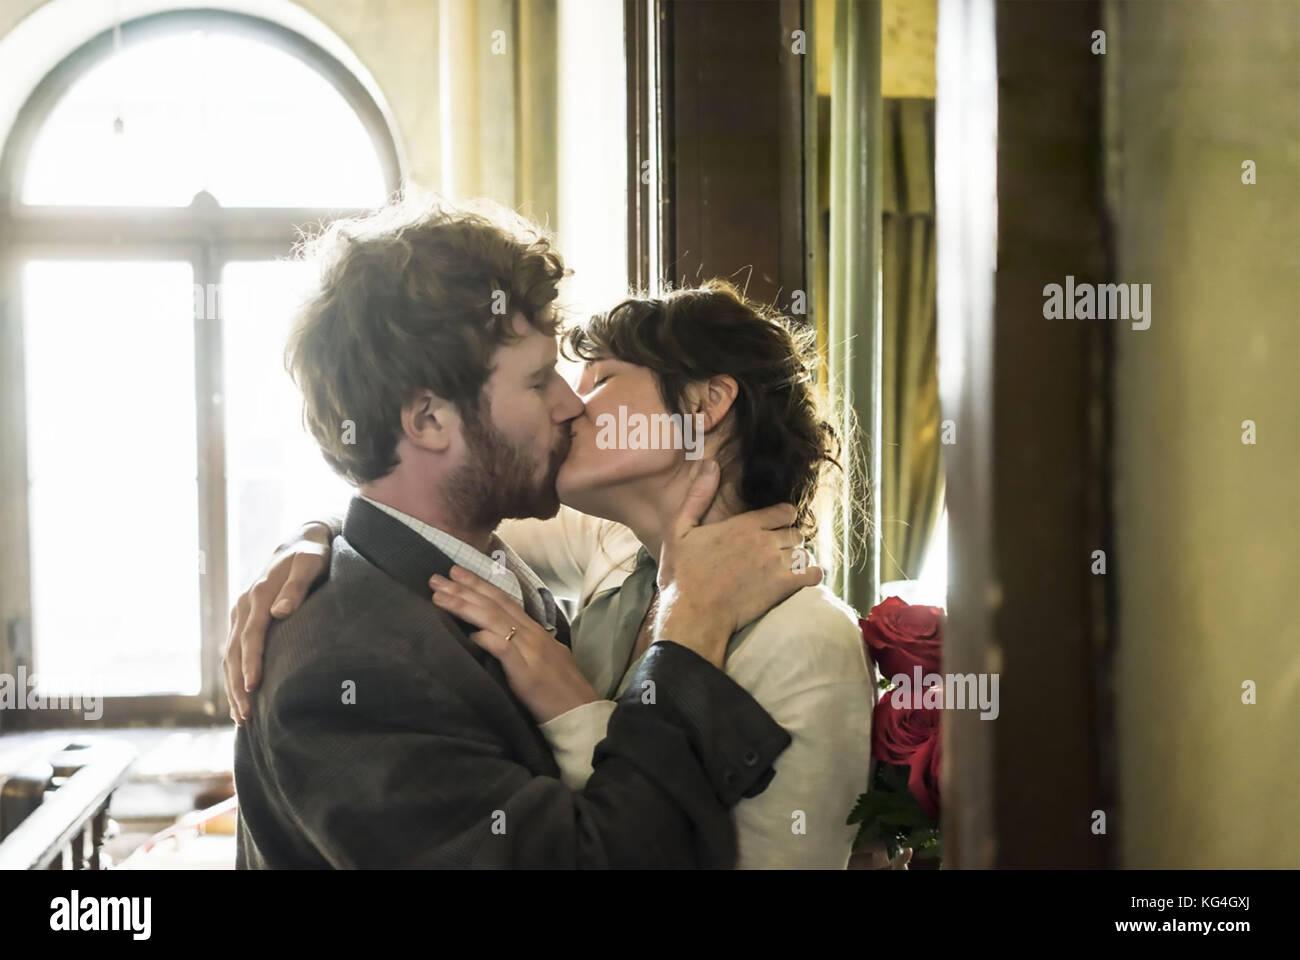 La storia di amore 2016 un film 2.4.7 produzione con Gemma Arterton e mark rendall Immagini Stock